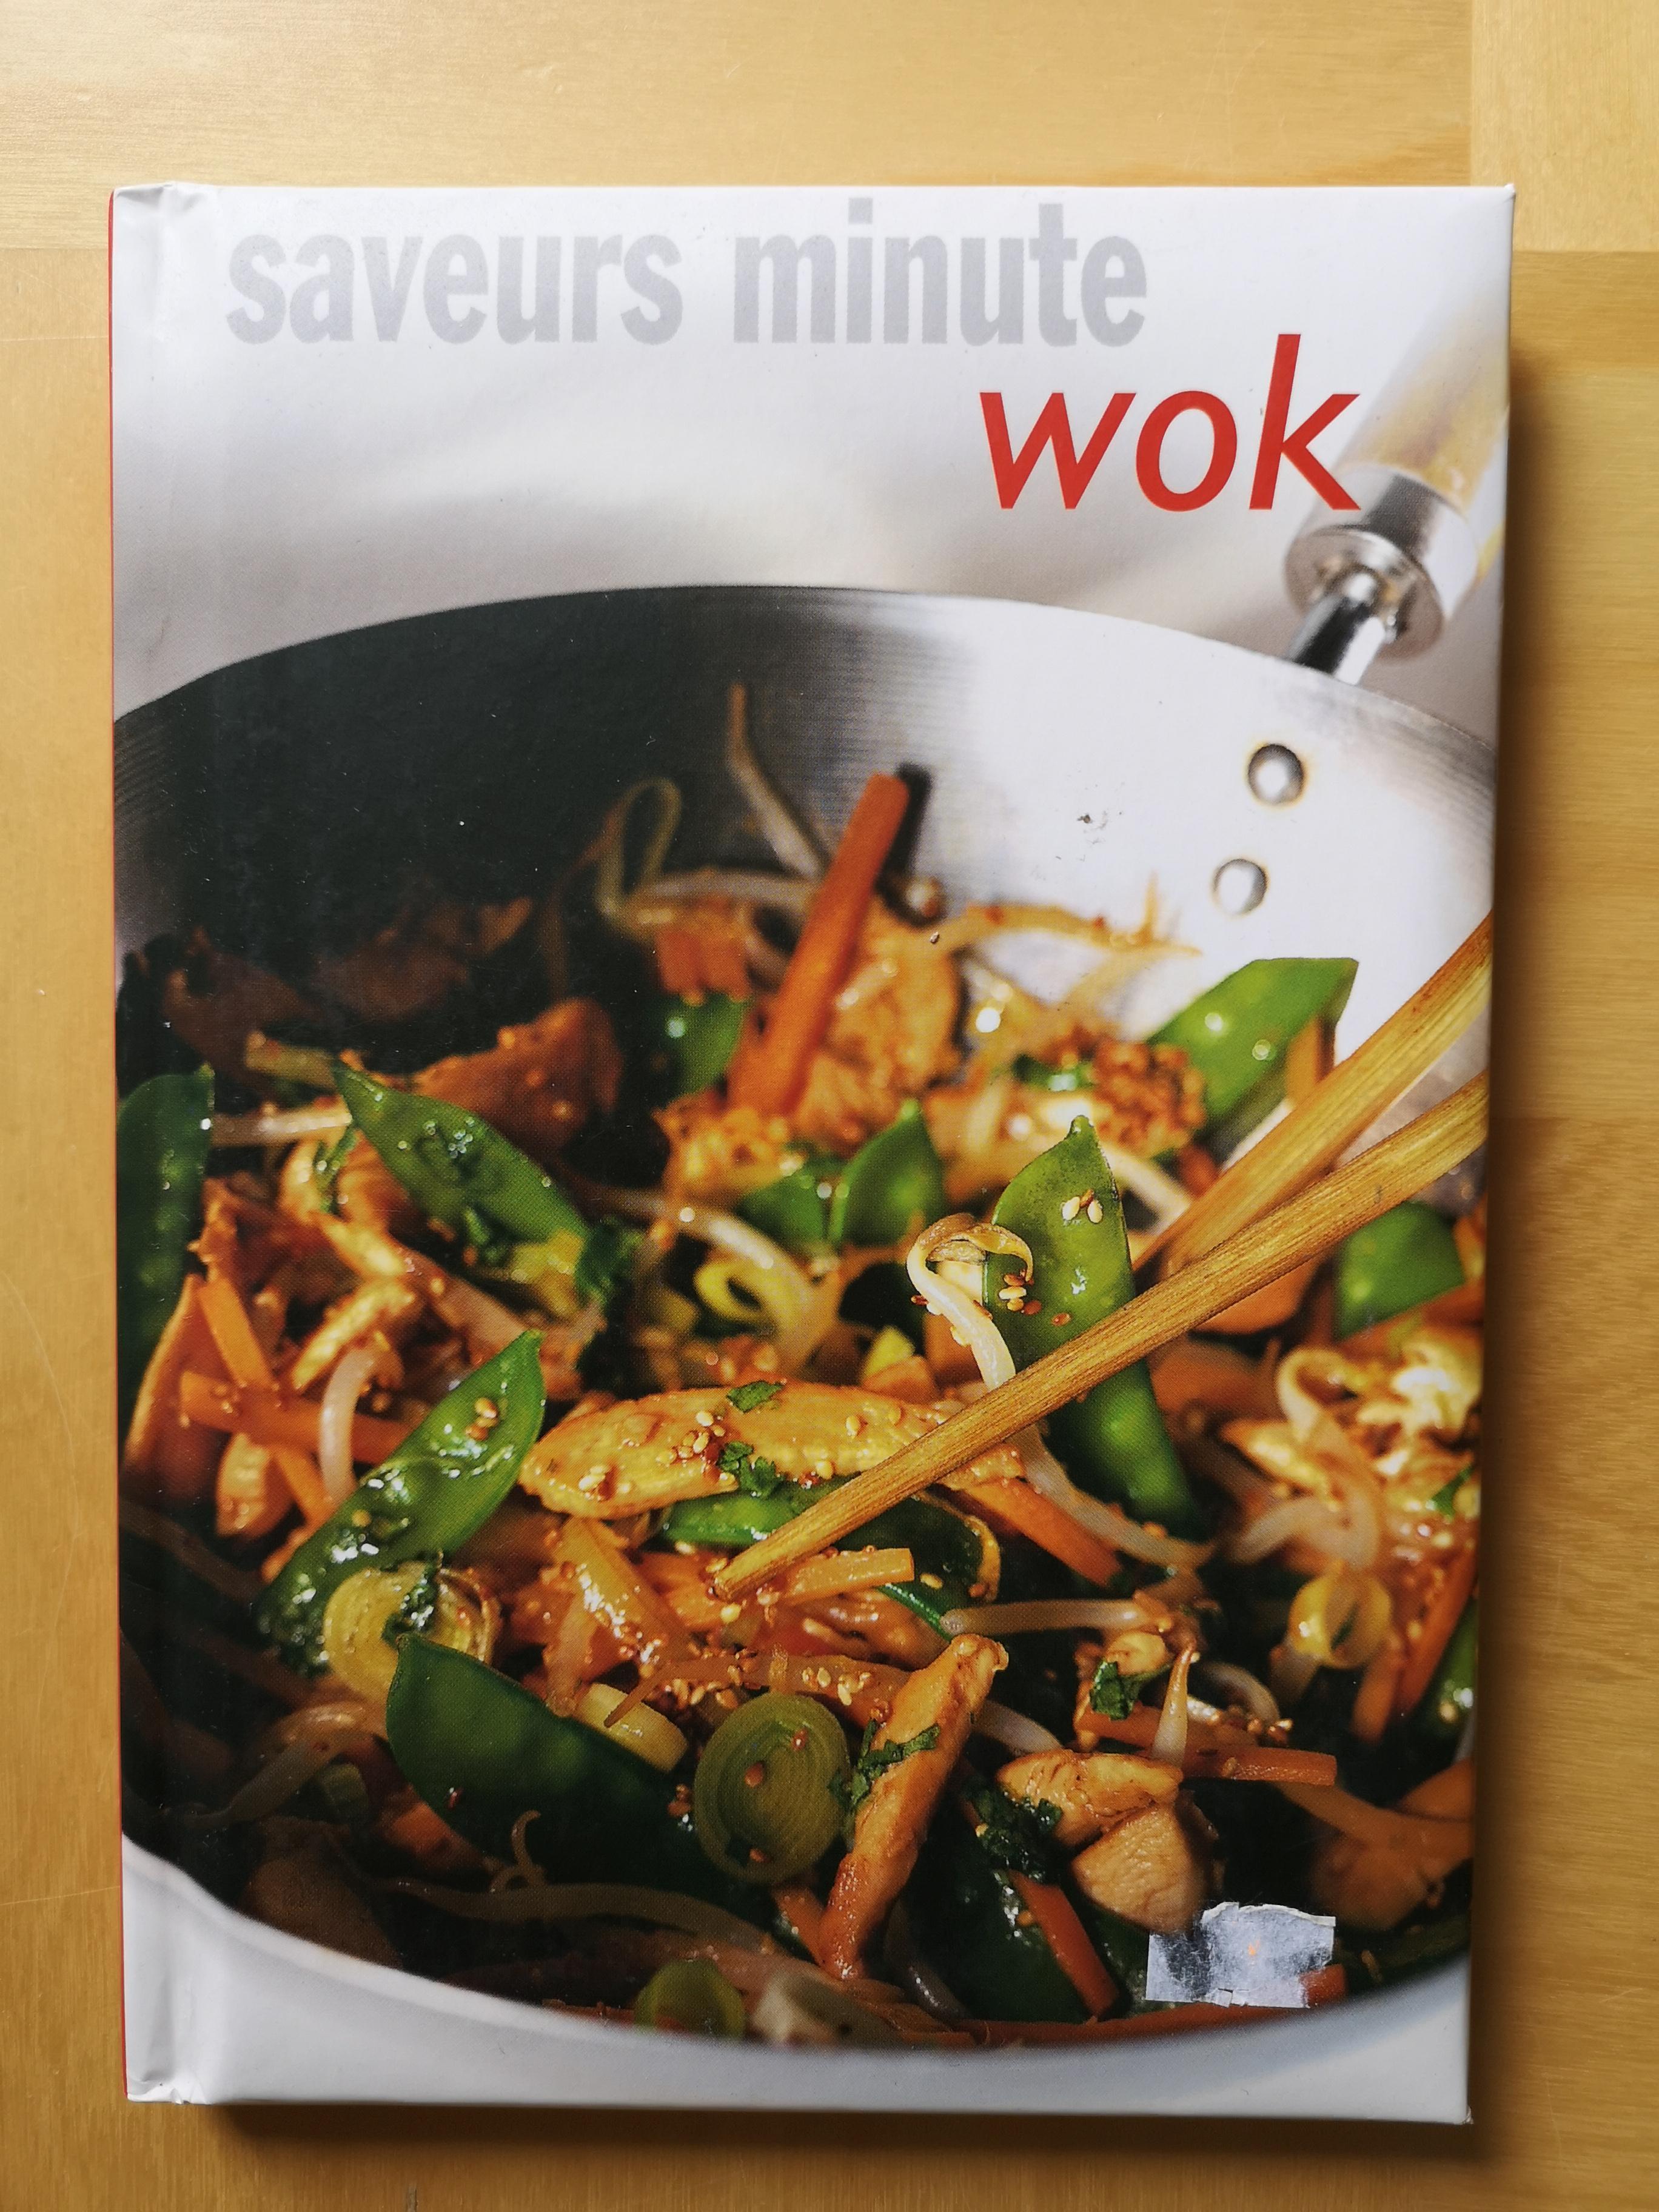 troc de troc livre de recettes au wok image 0